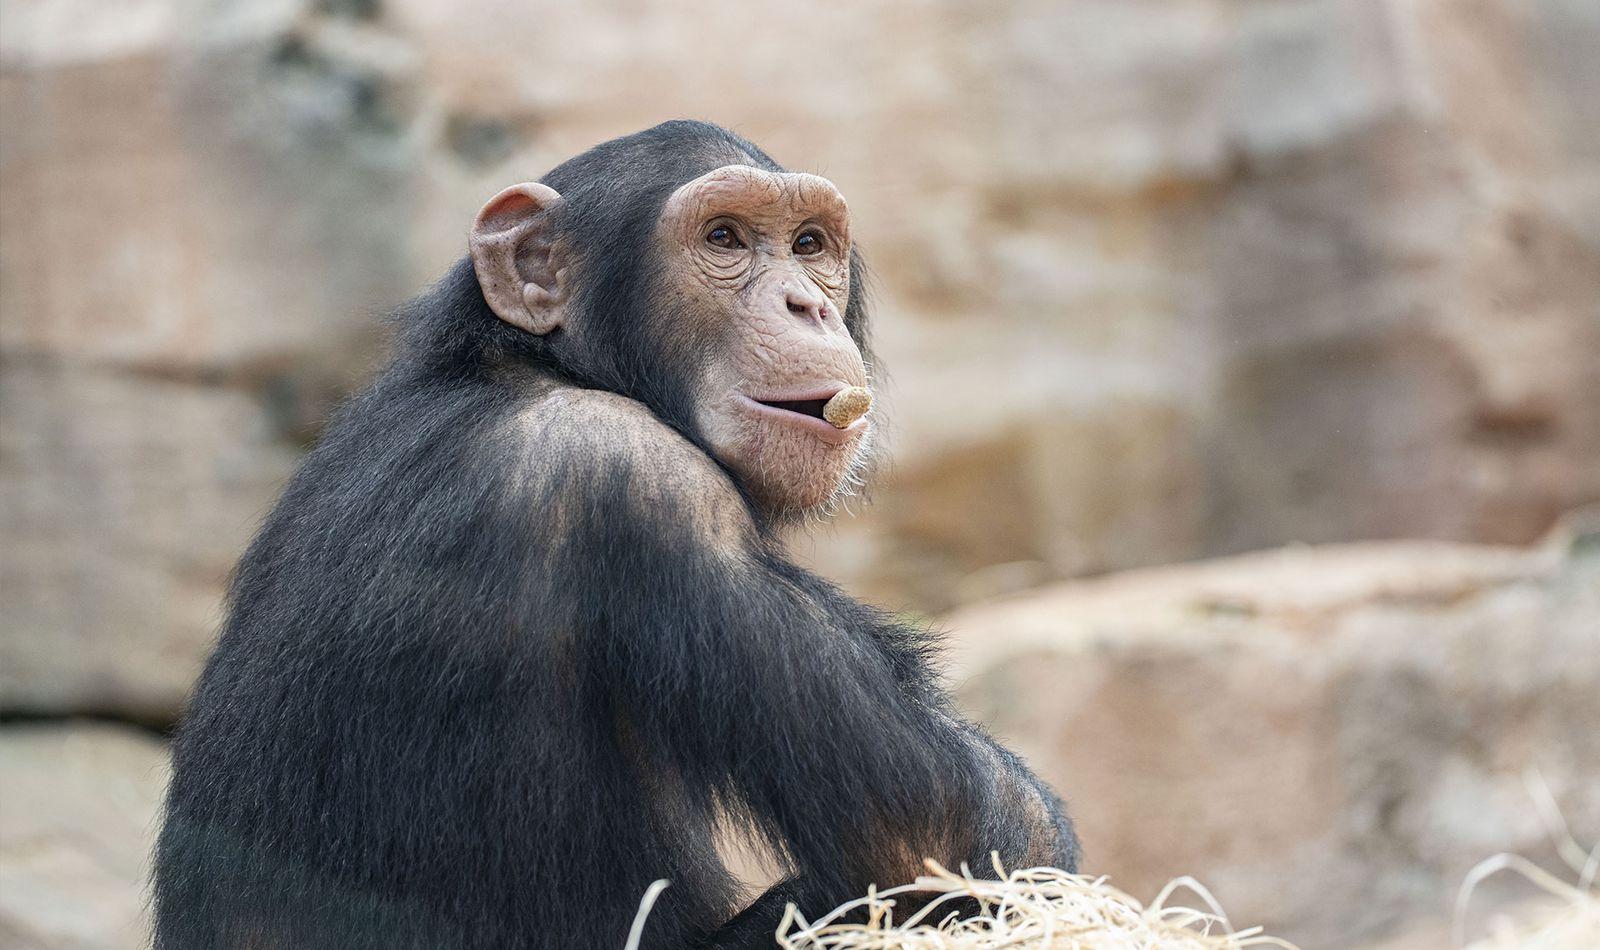 La Serre des Chimpanzés et Orangs-outans - Territoire du ZooParc de Beauval